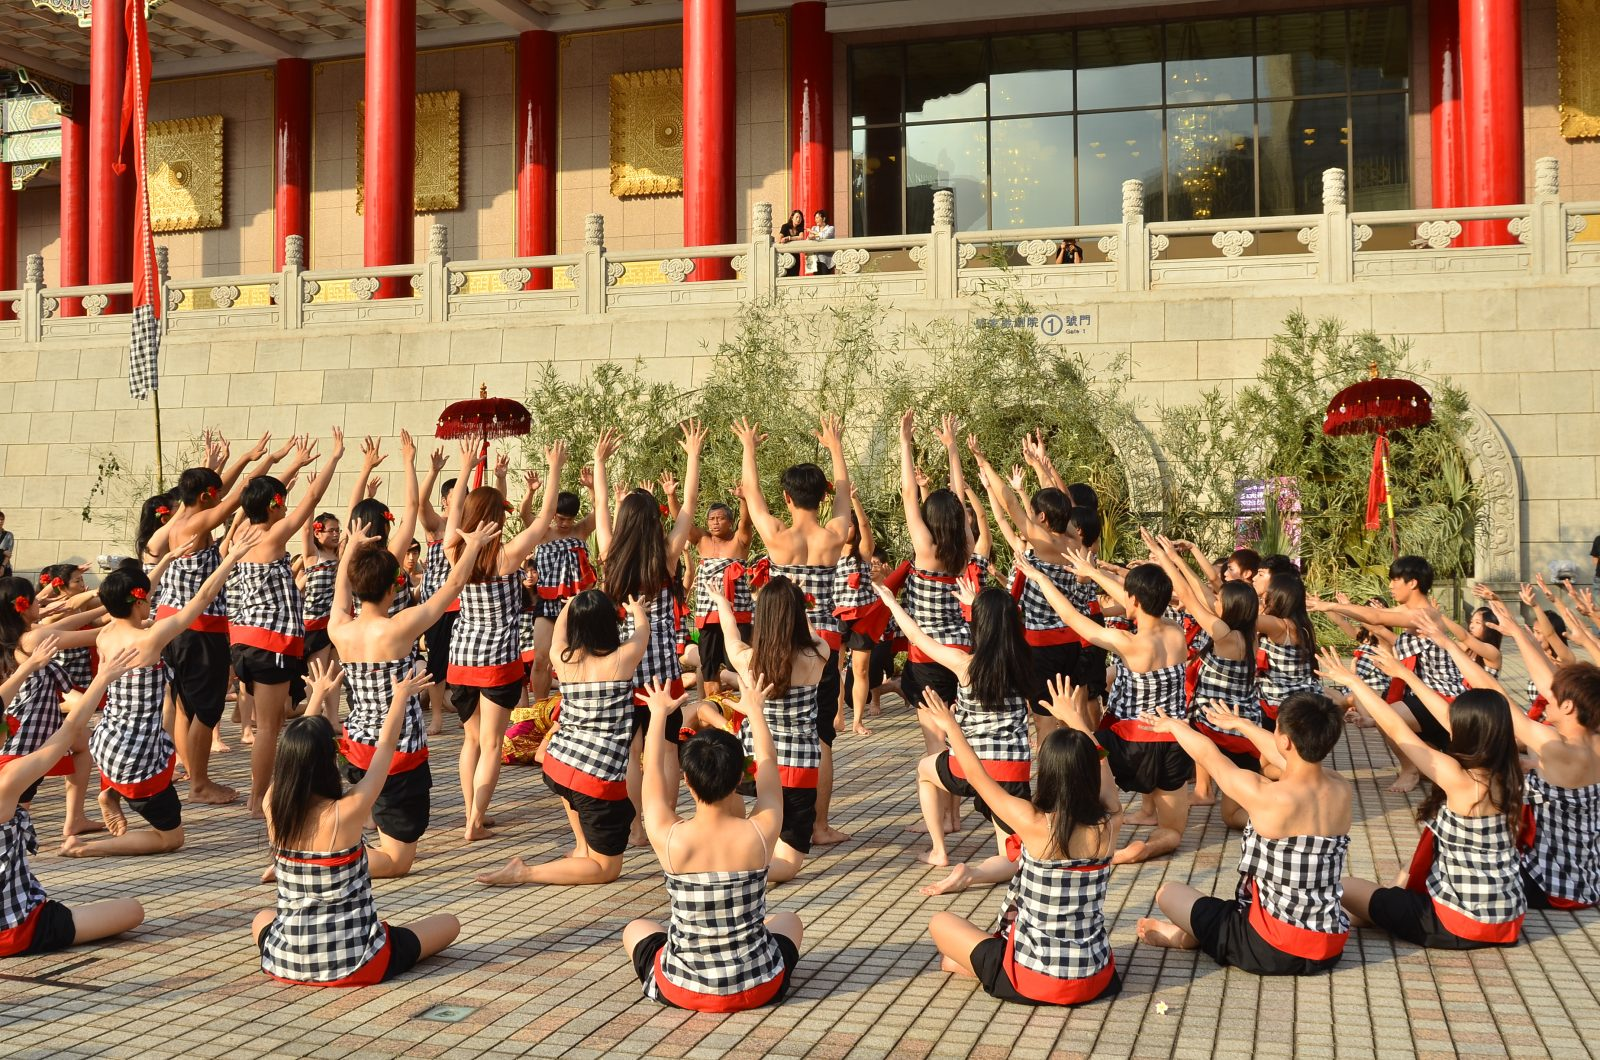 2012-國家劇院-廣場藝術節-克差舞